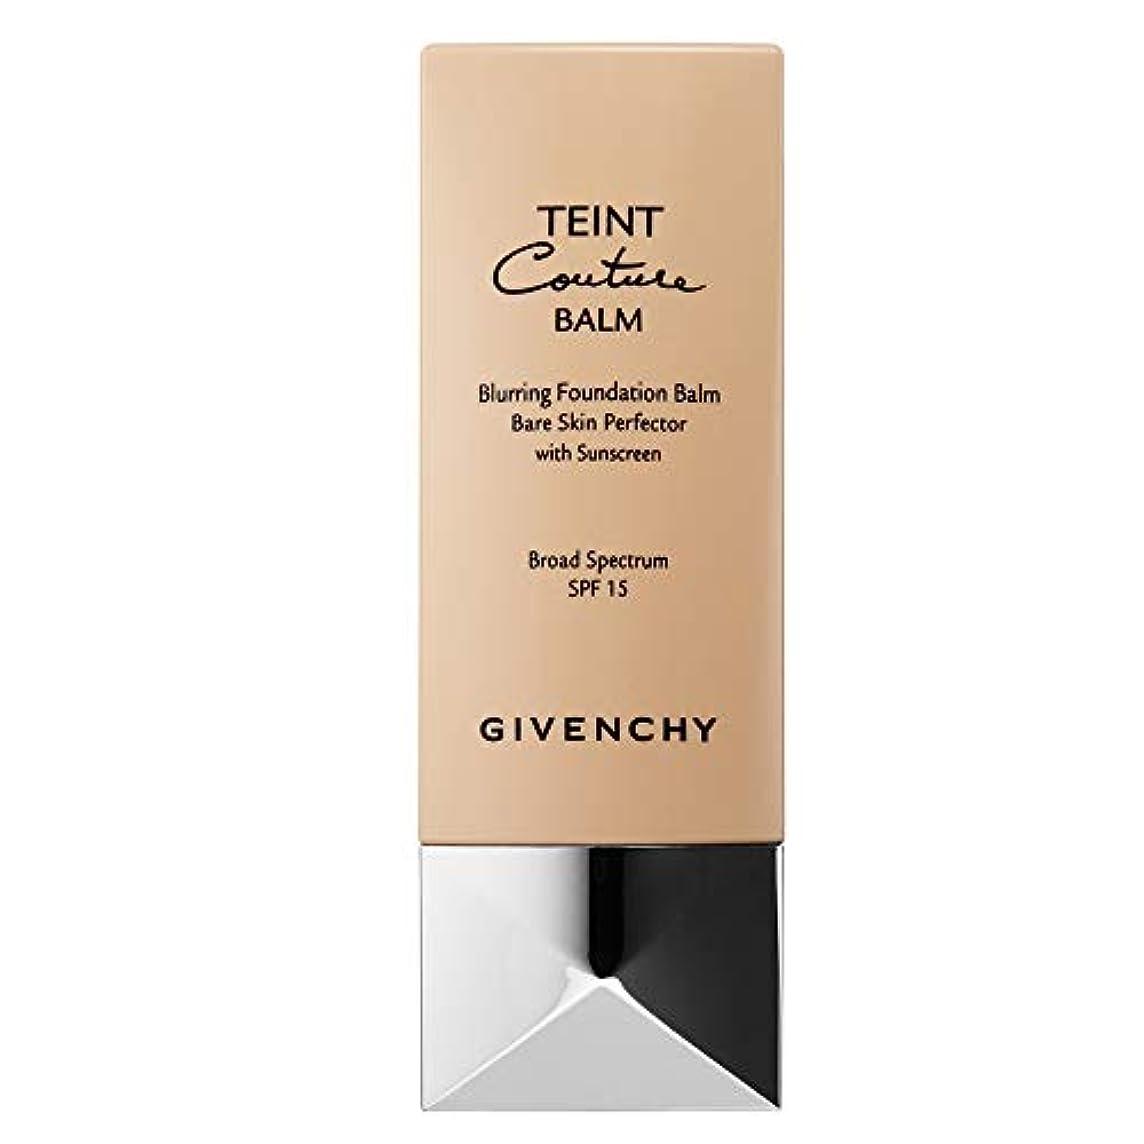 取得する衝突する違うジバンシィ Teint Couture Blurring Foundation Balm SPF 15 - # 1 Nude Porcelain 30ml/1oz並行輸入品